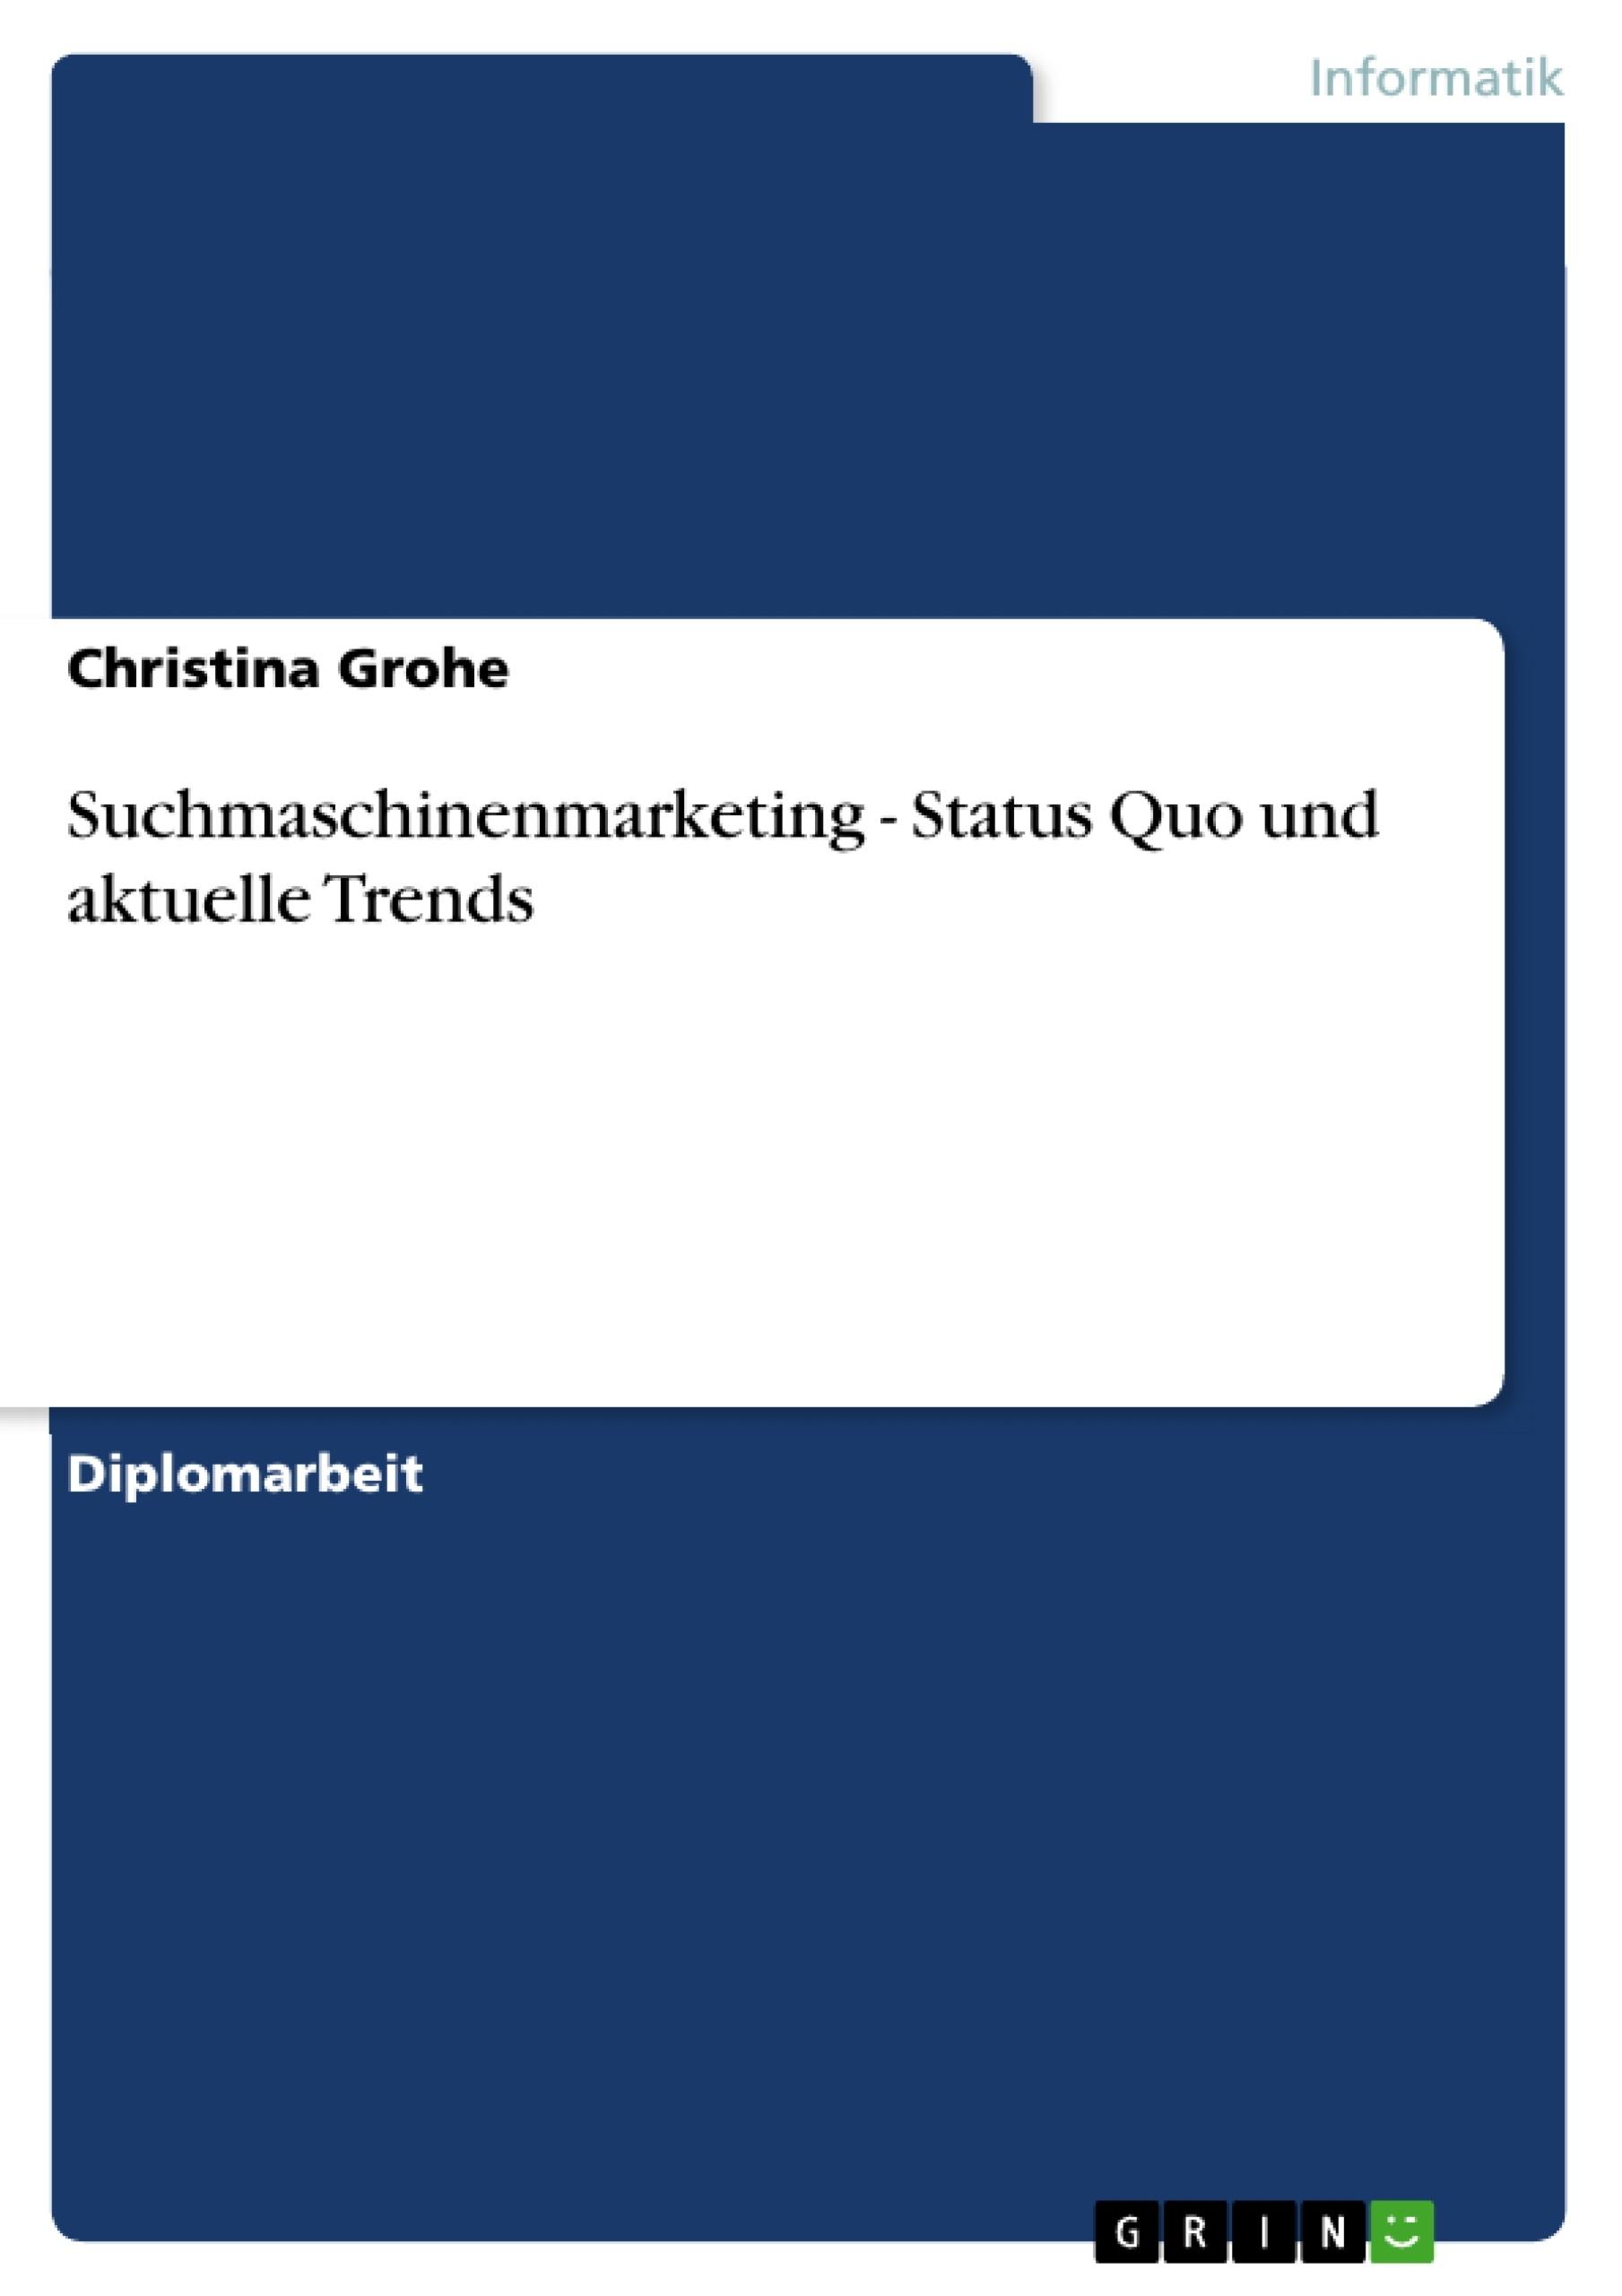 Titel: Suchmaschinenmarketing - Status Quo und aktuelle Trends